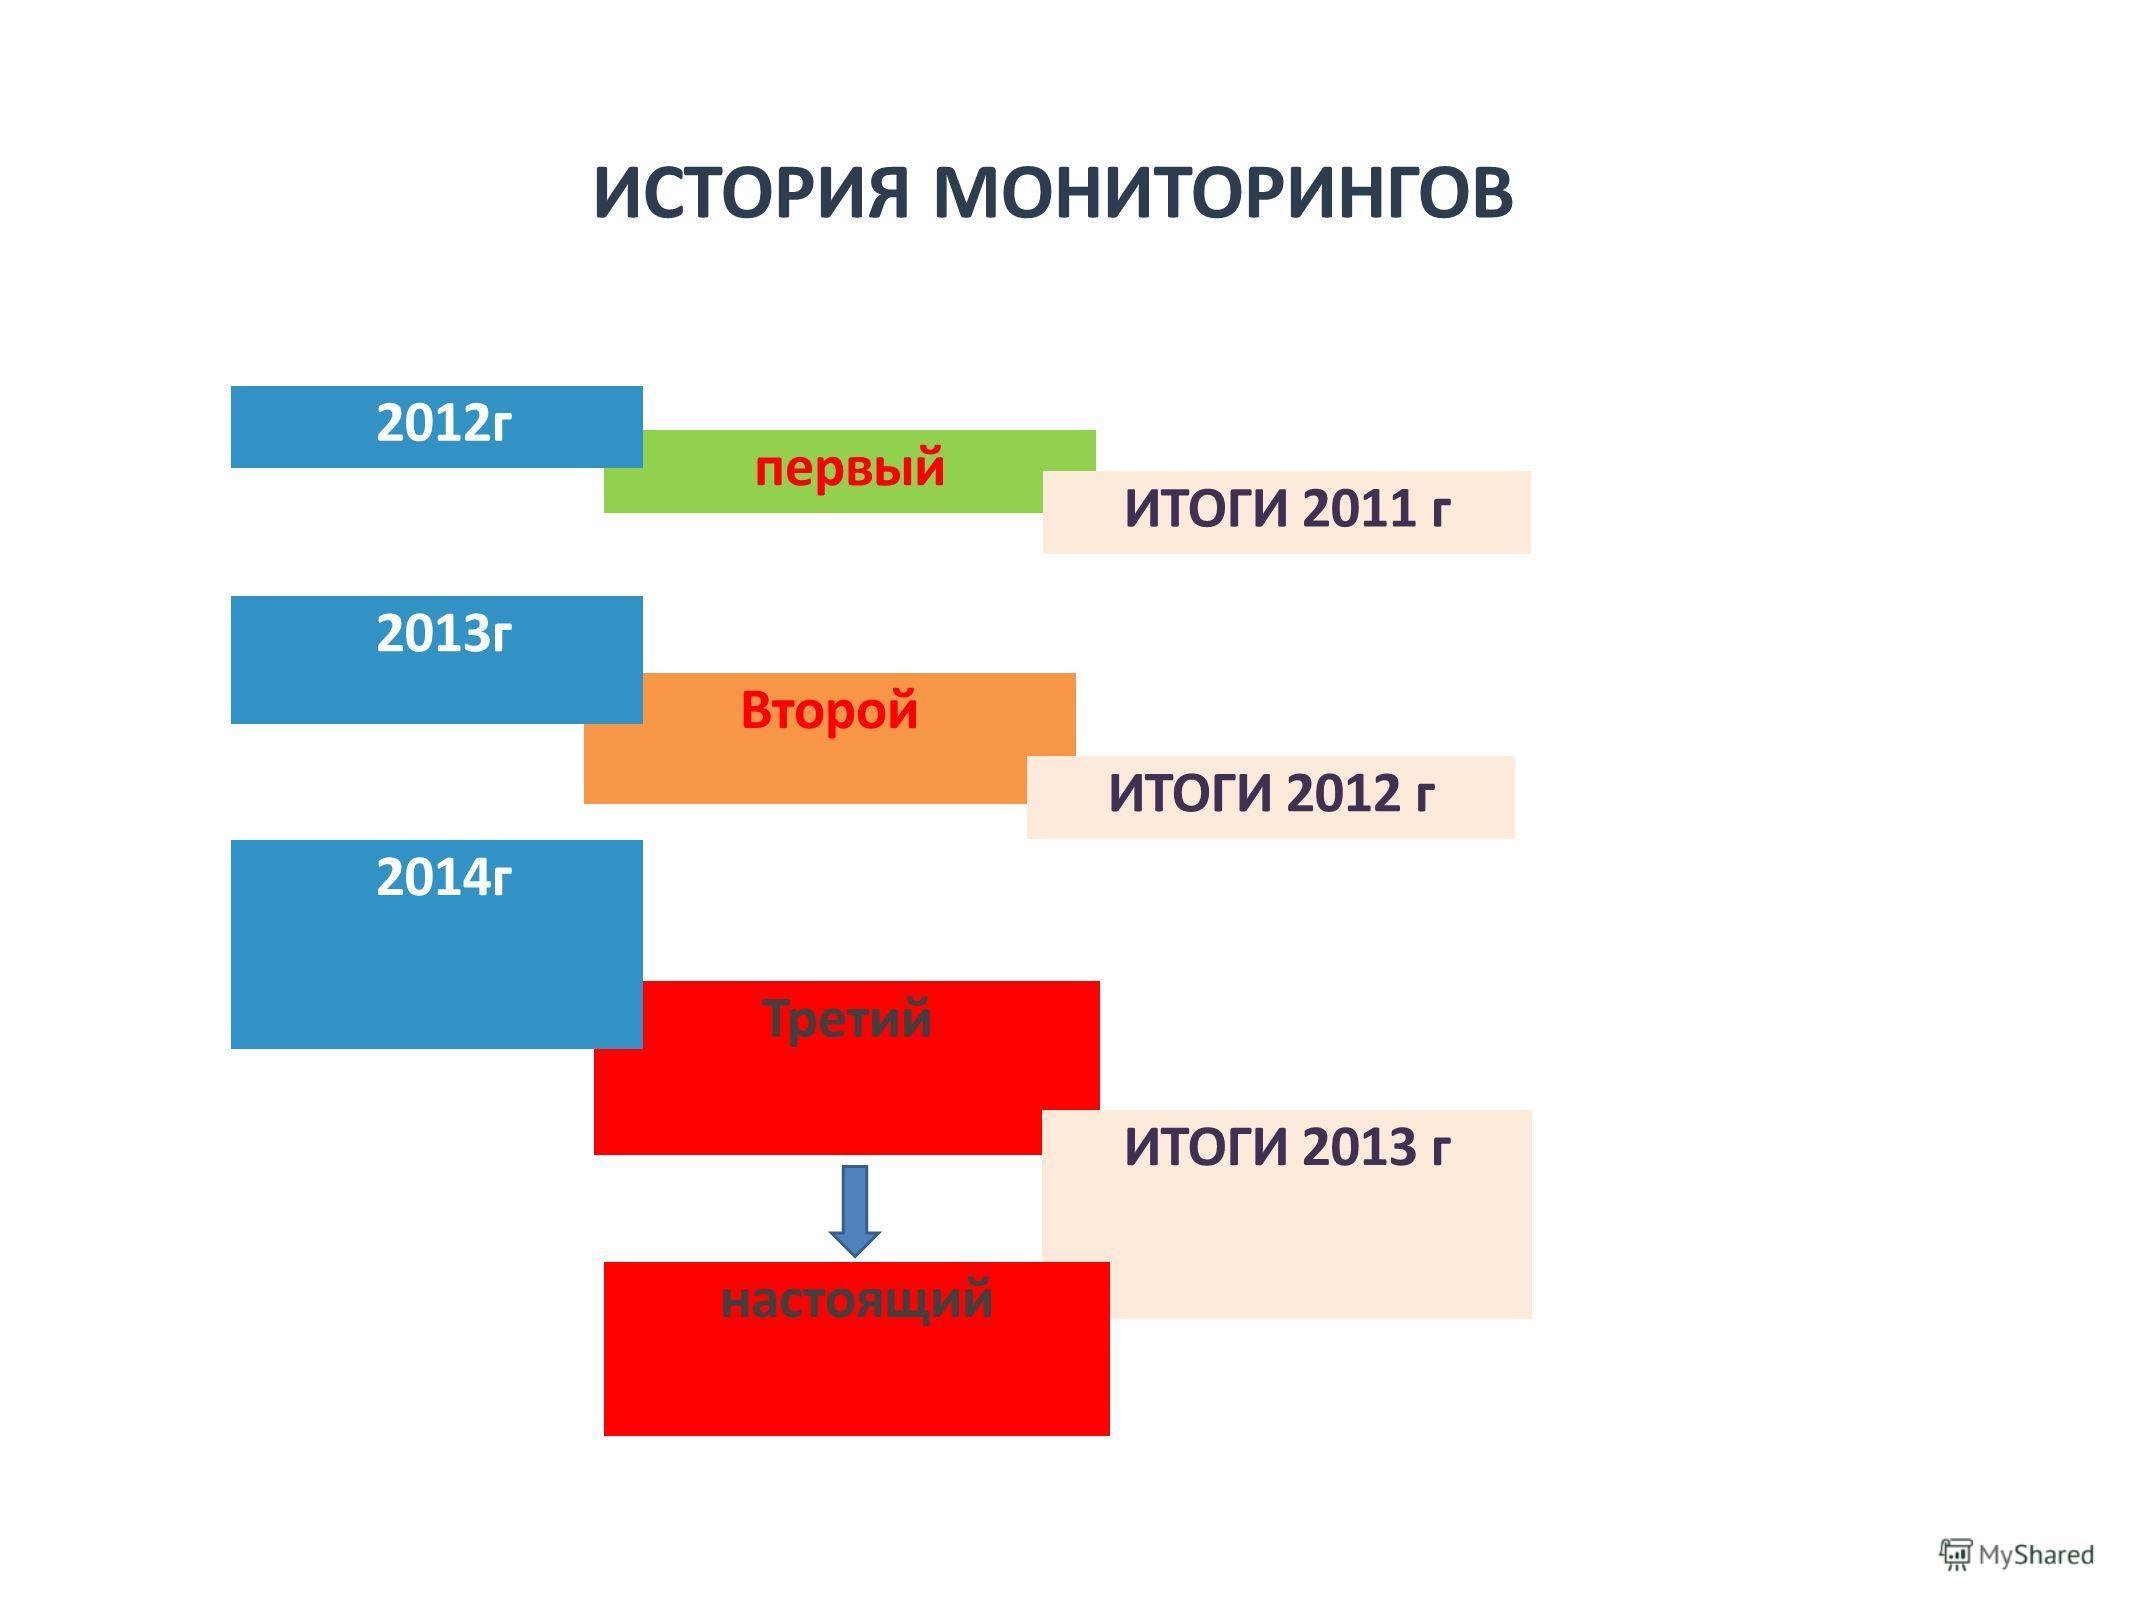 Третий ИСТОРИЯ МОНИТОРИНГОВ первый 2012г Второй 2014г 2013г ИТОГИ 2011 г ИТОГИ 2012 г ИТОГИ 2013 г настоящий